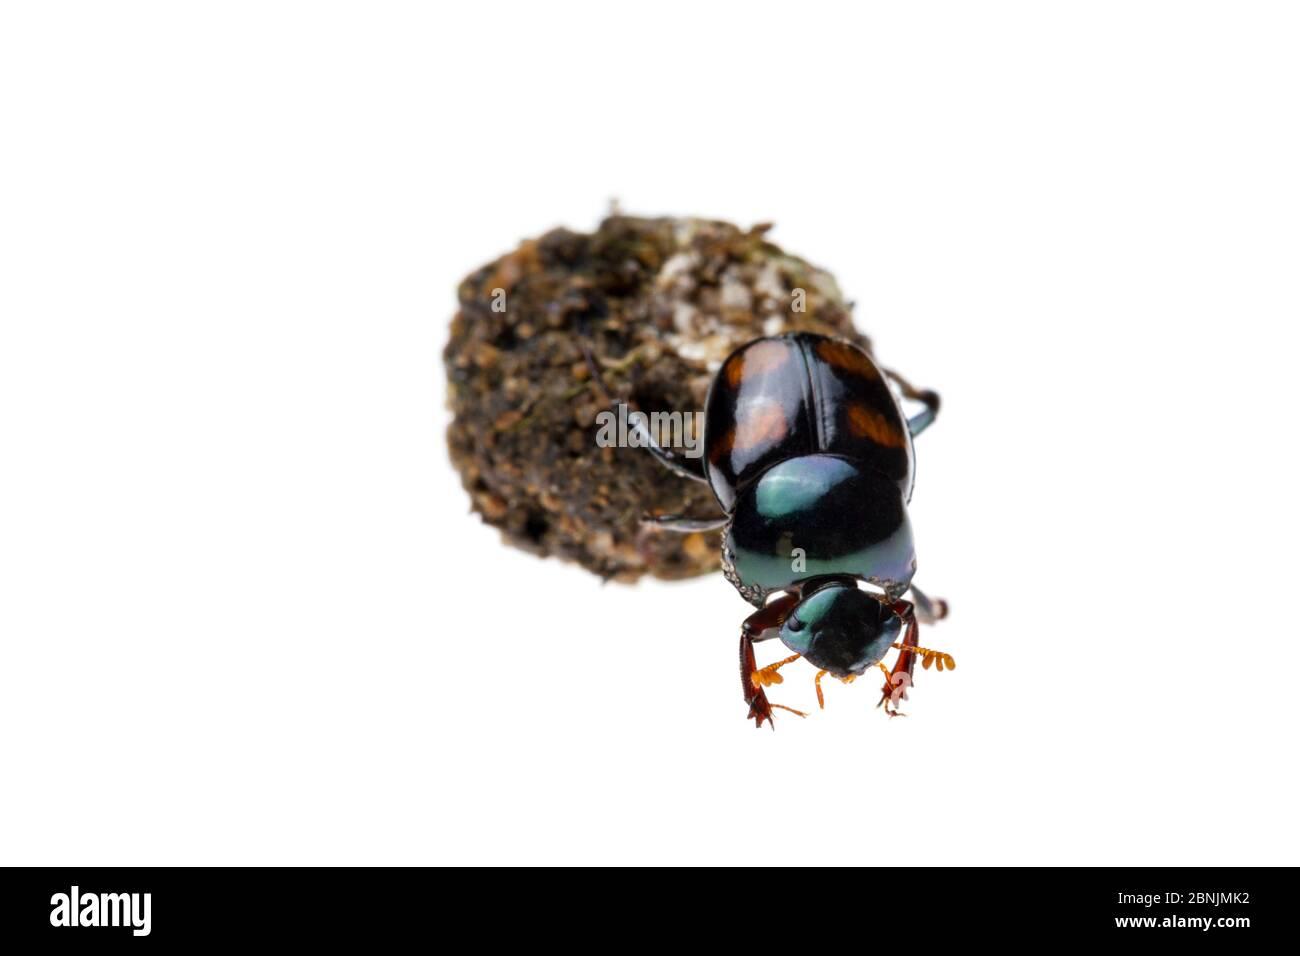 Dung scarabée (Canthon quadriguttatus) roulant une boule de dung fraîche sur laquelle elle se nourrira au cours des prochains jours. Station biologique de Jatun Sacha, Napo Provi Banque D'Images